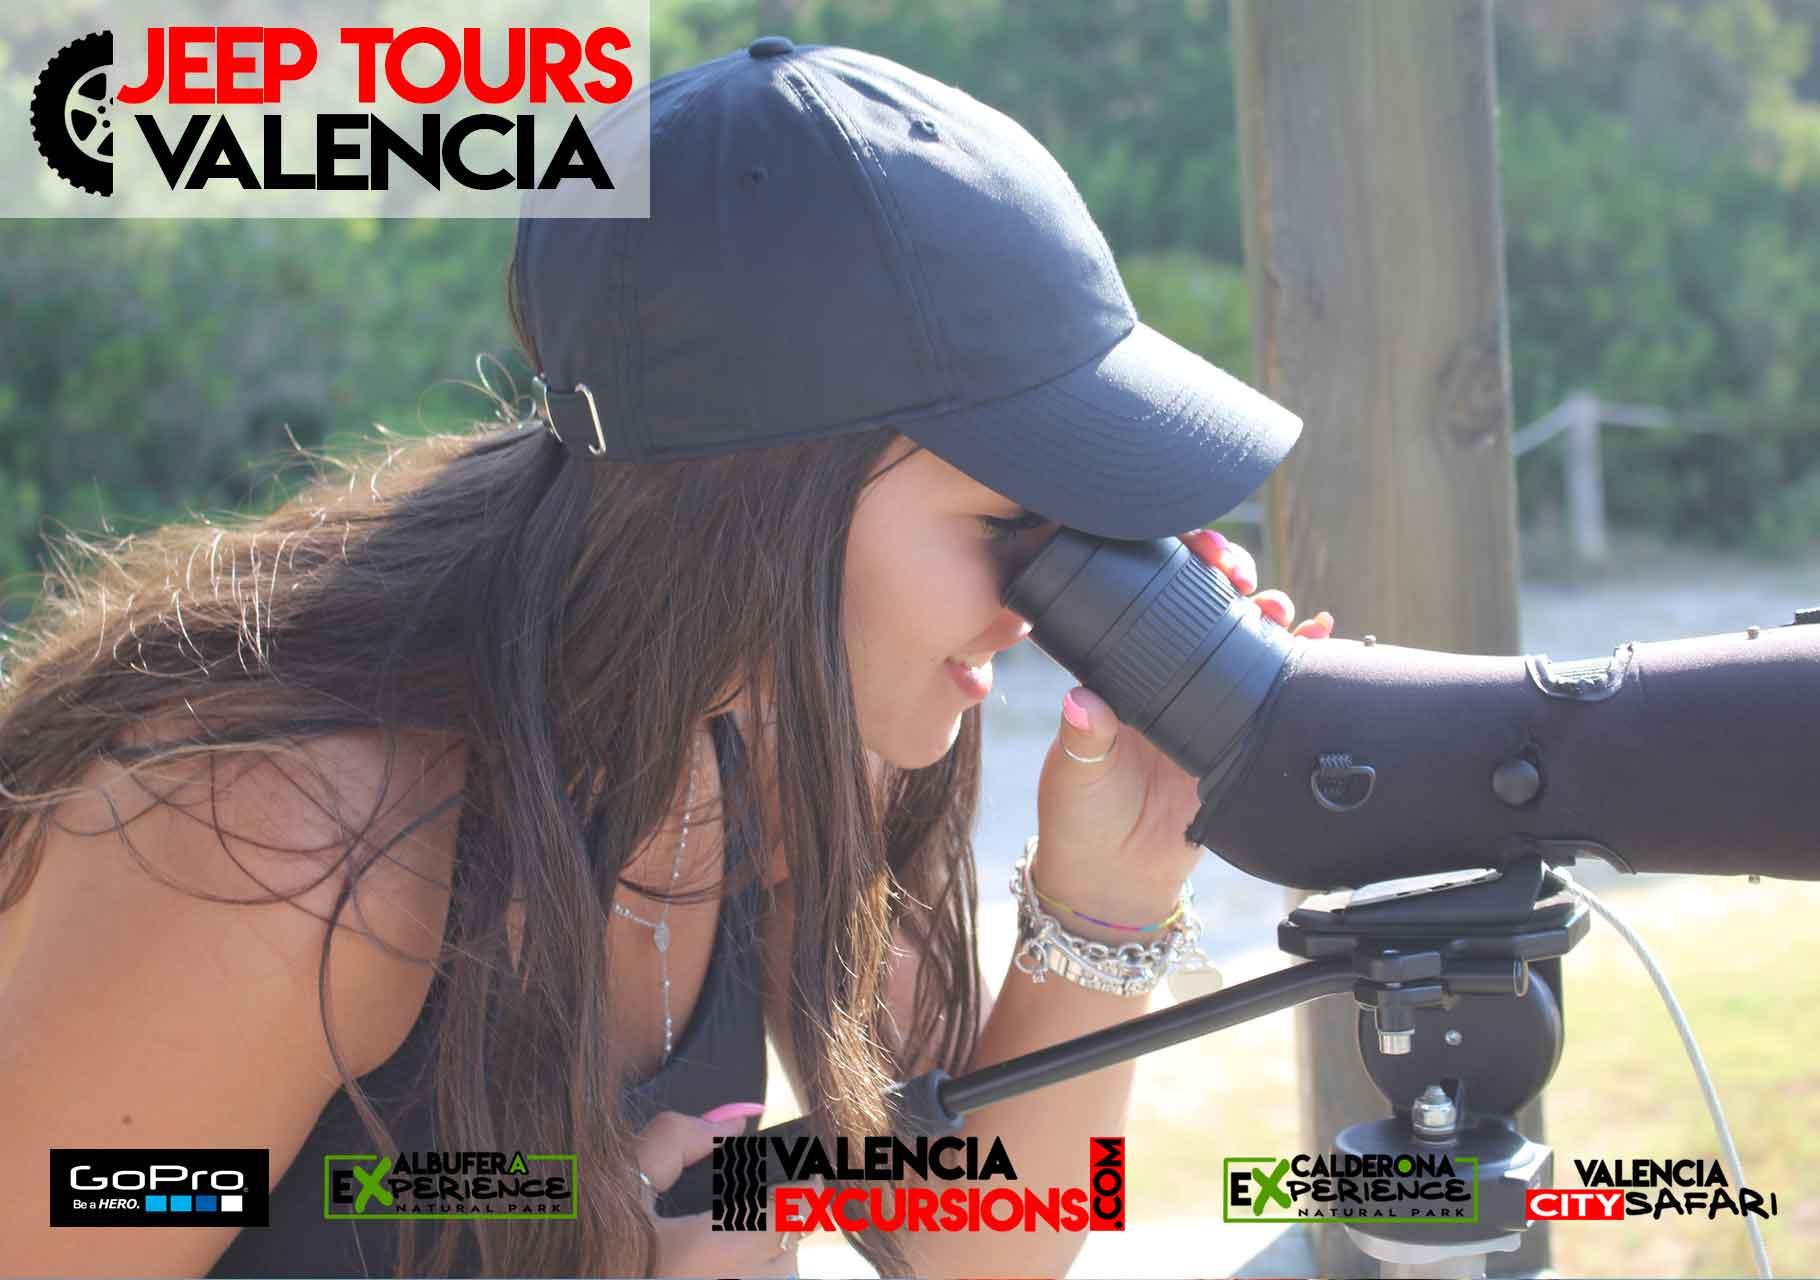 Vogelbeobachtung im Albufera  Park während unserer Albufera EXperience Jeep Tour. Best of  Valencia